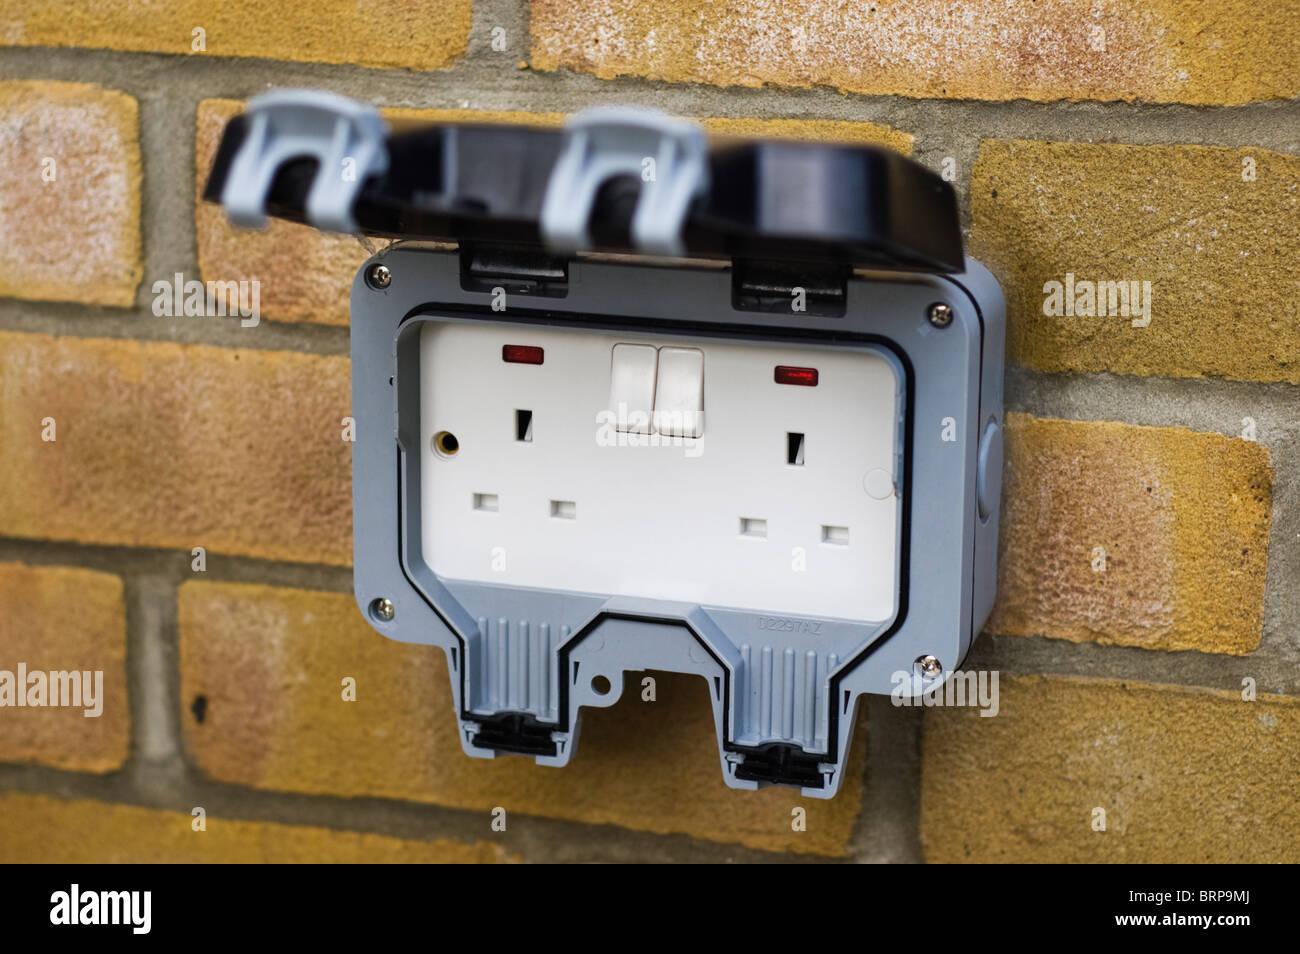 Rete esterna presa di alimentazione per il Regno Unito per la rete elettrica collegata ad una parete di mattoni. Immagini Stock